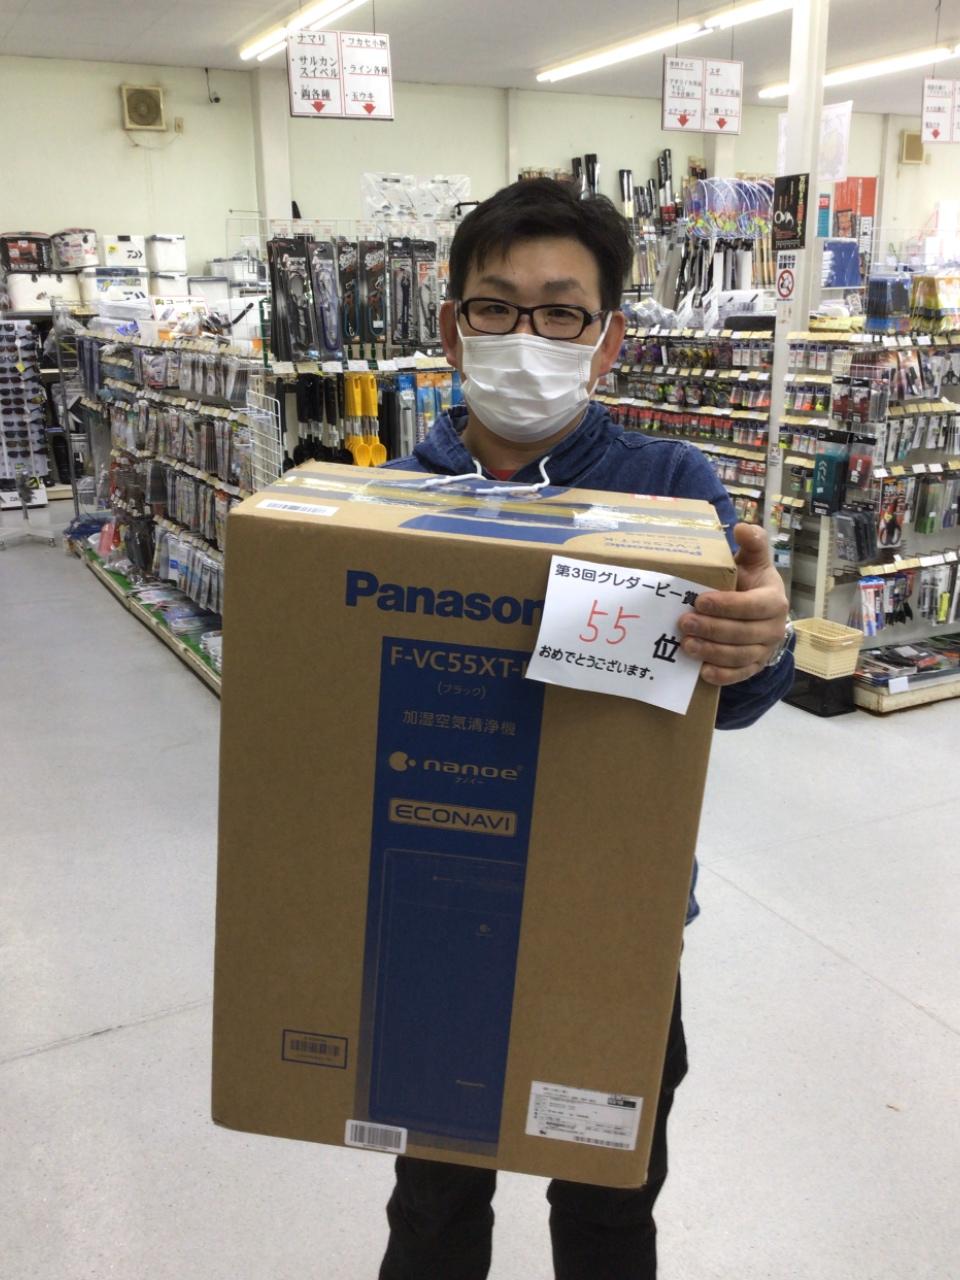 4/6    第3回グレダービー     55 位  TFC82ヒラメ様 Panasonic加湿空気清浄機get !! おめでとうございます。